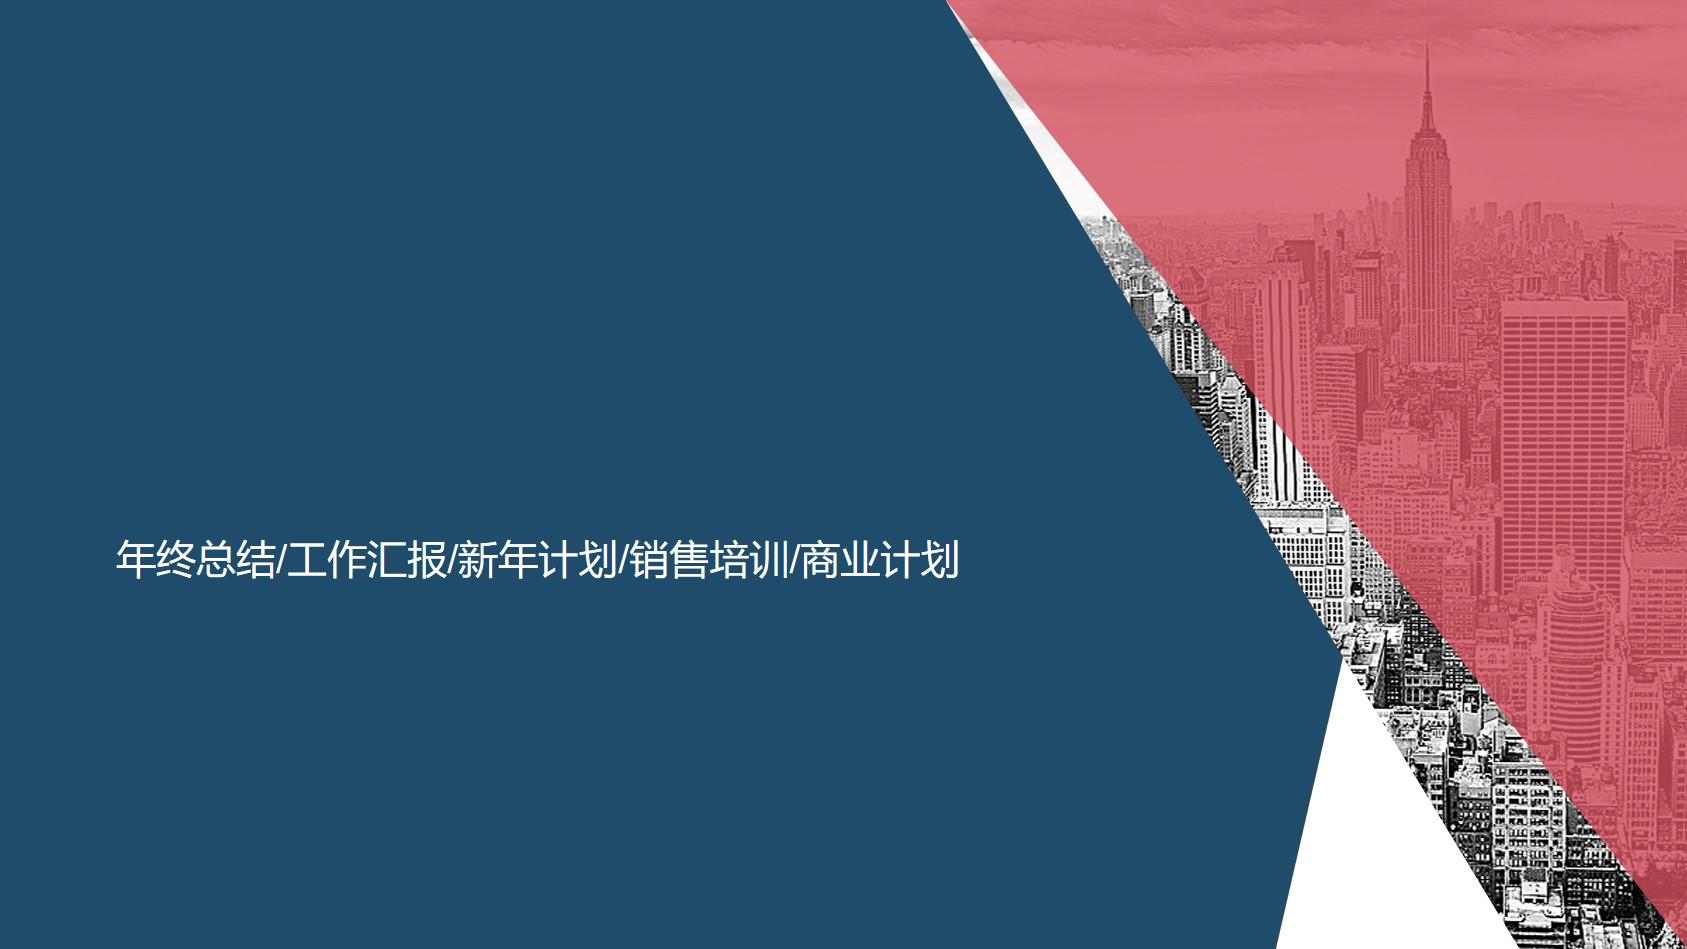 红蓝色块商业建筑背景的工作总结汇报PPT模板